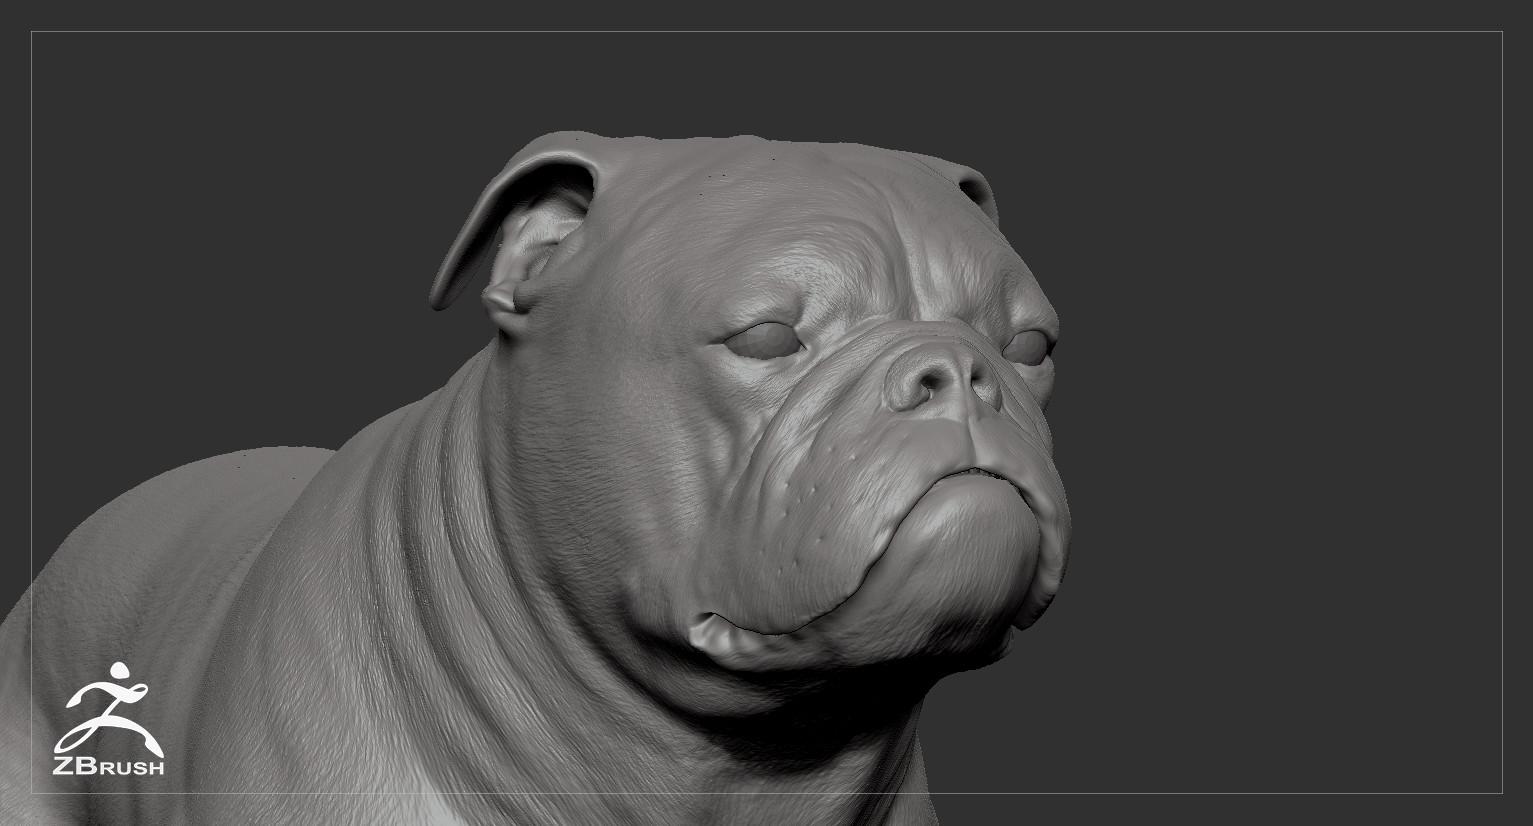 Englishbulldog by alexlashko zbrush 06